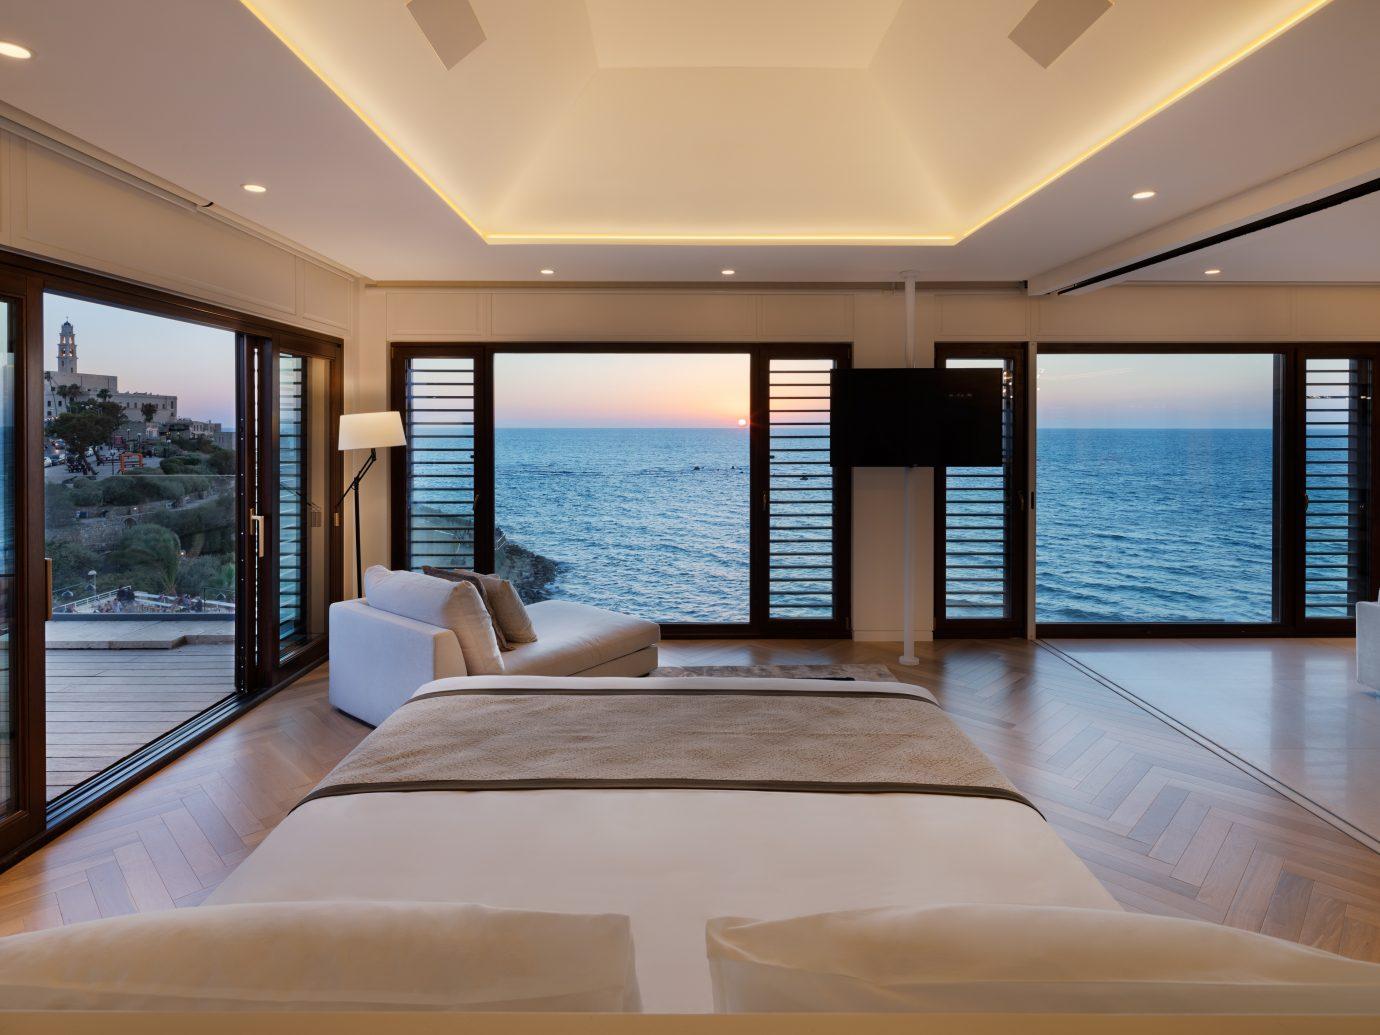 suite with ocean view at Setai Tel Aviv